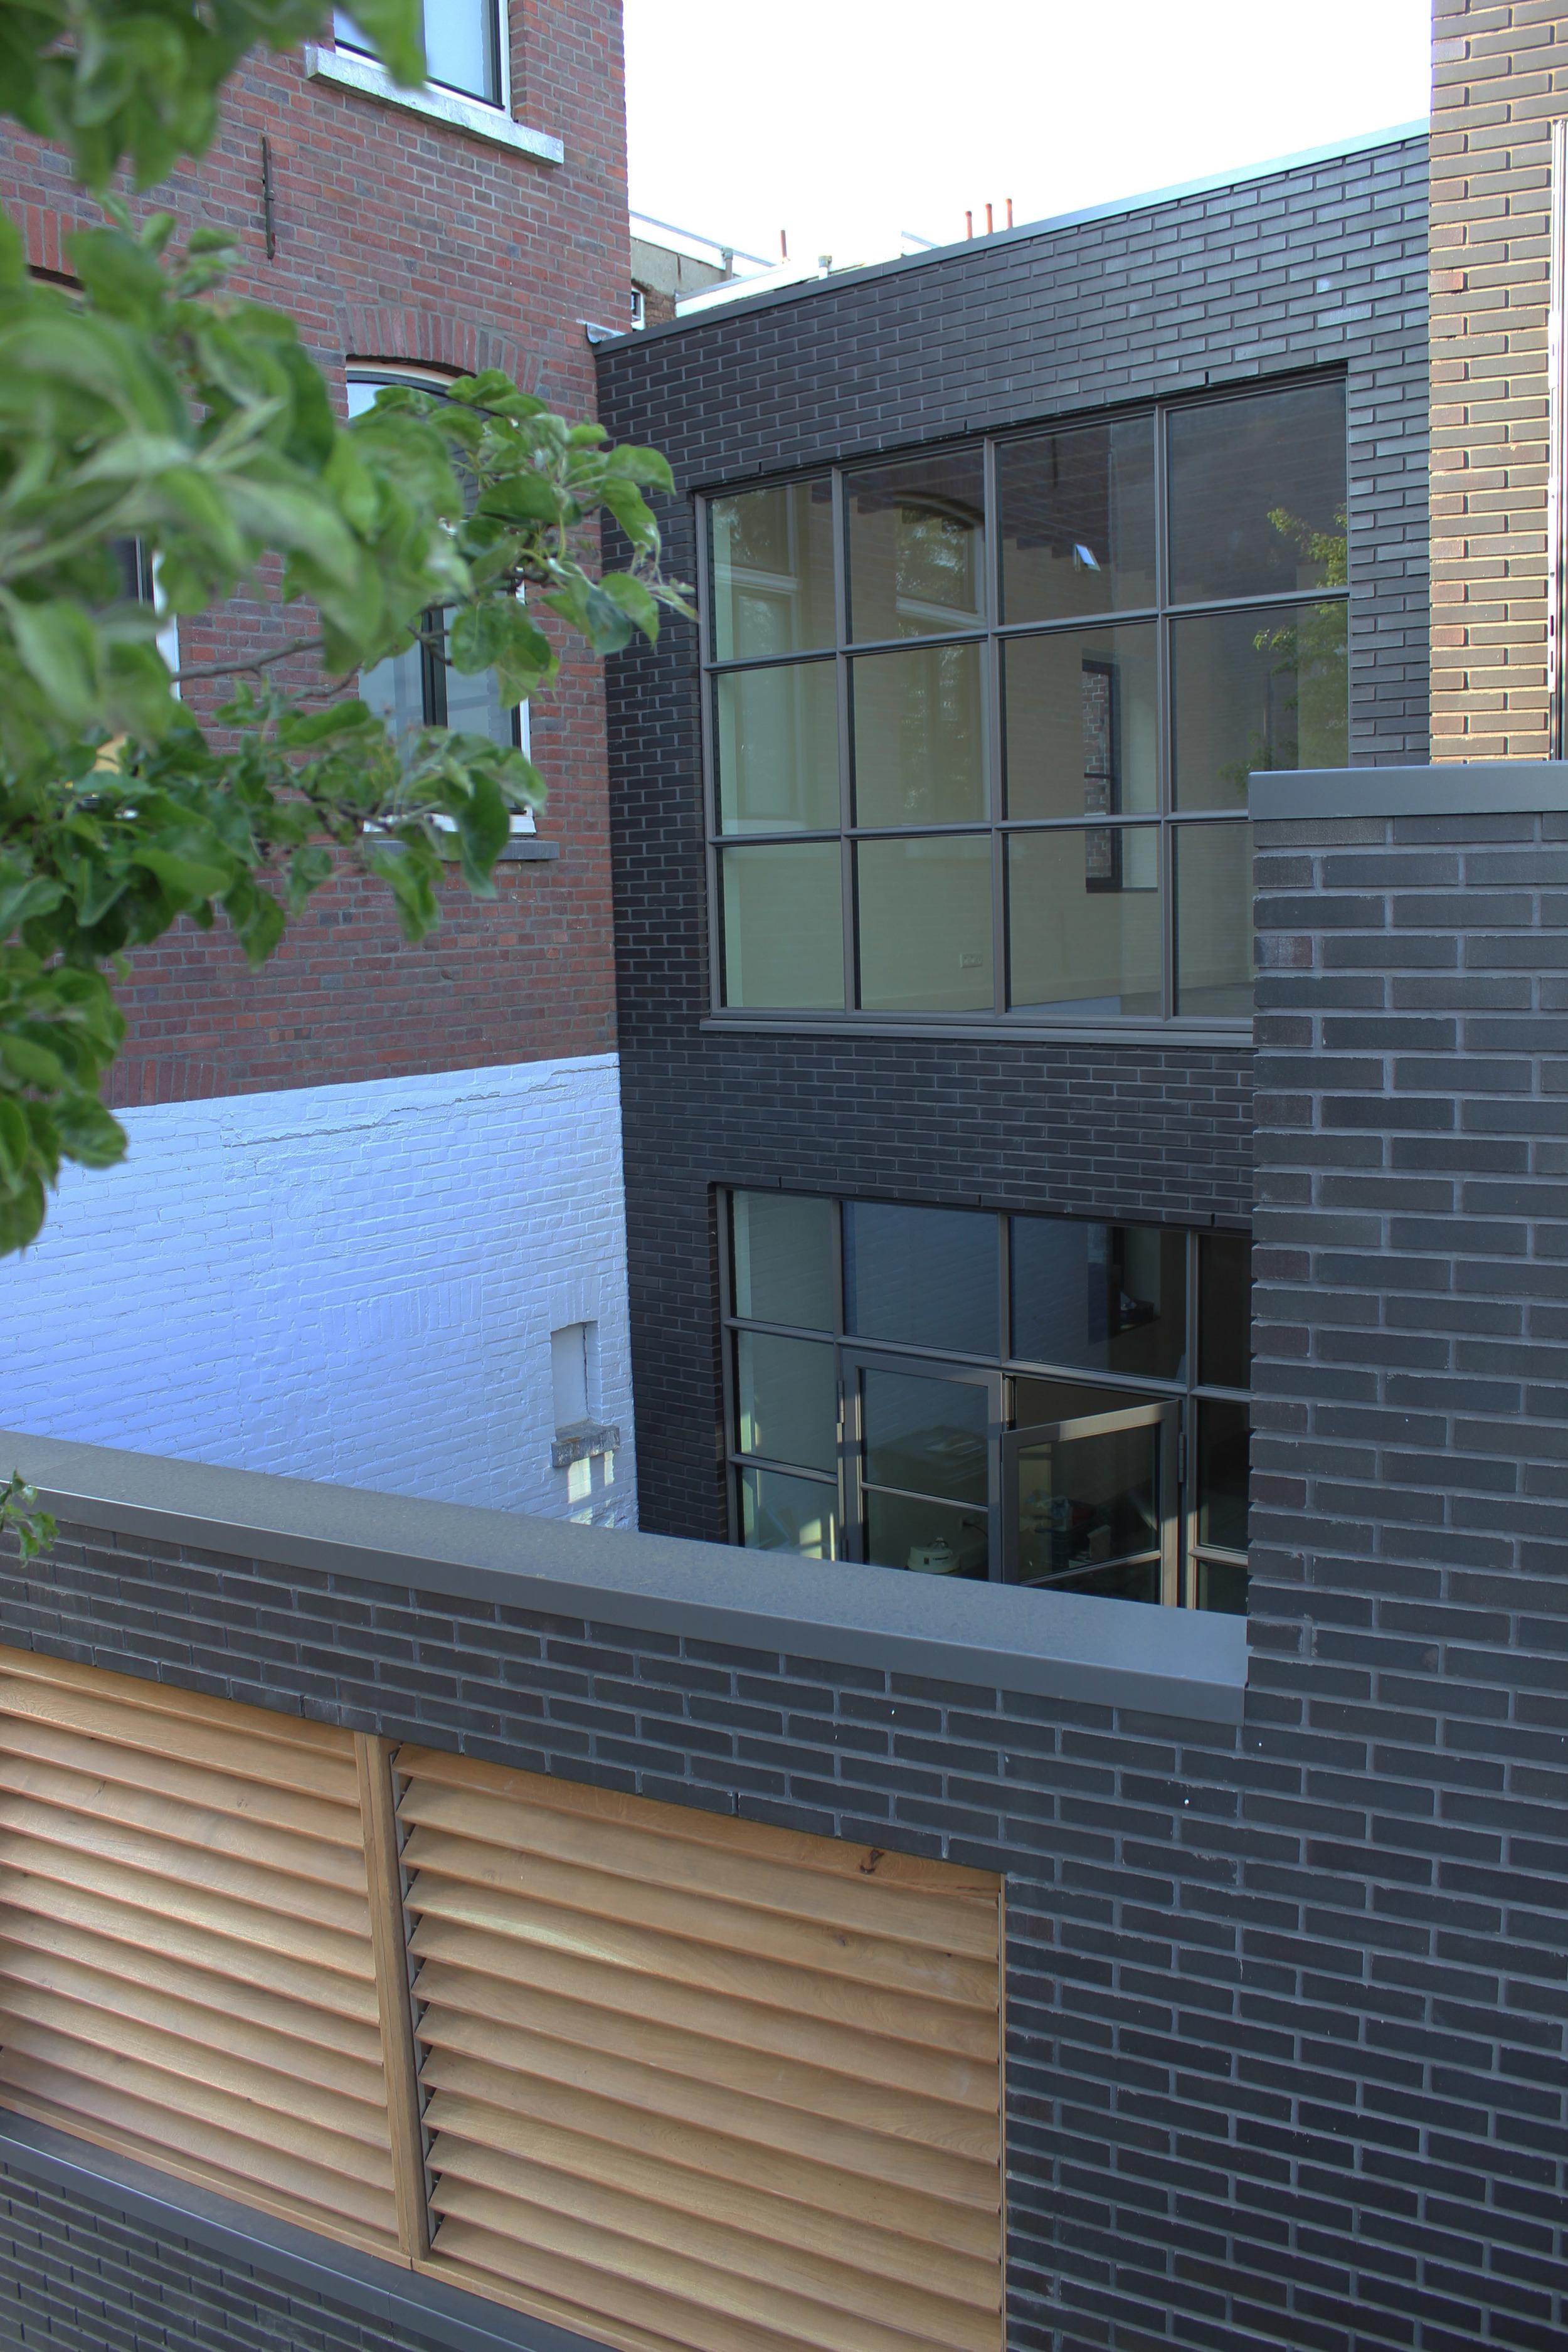 Het bovenste appartement heeft een balkon (rechts, niet op de foto) en het onderste een binnentuin